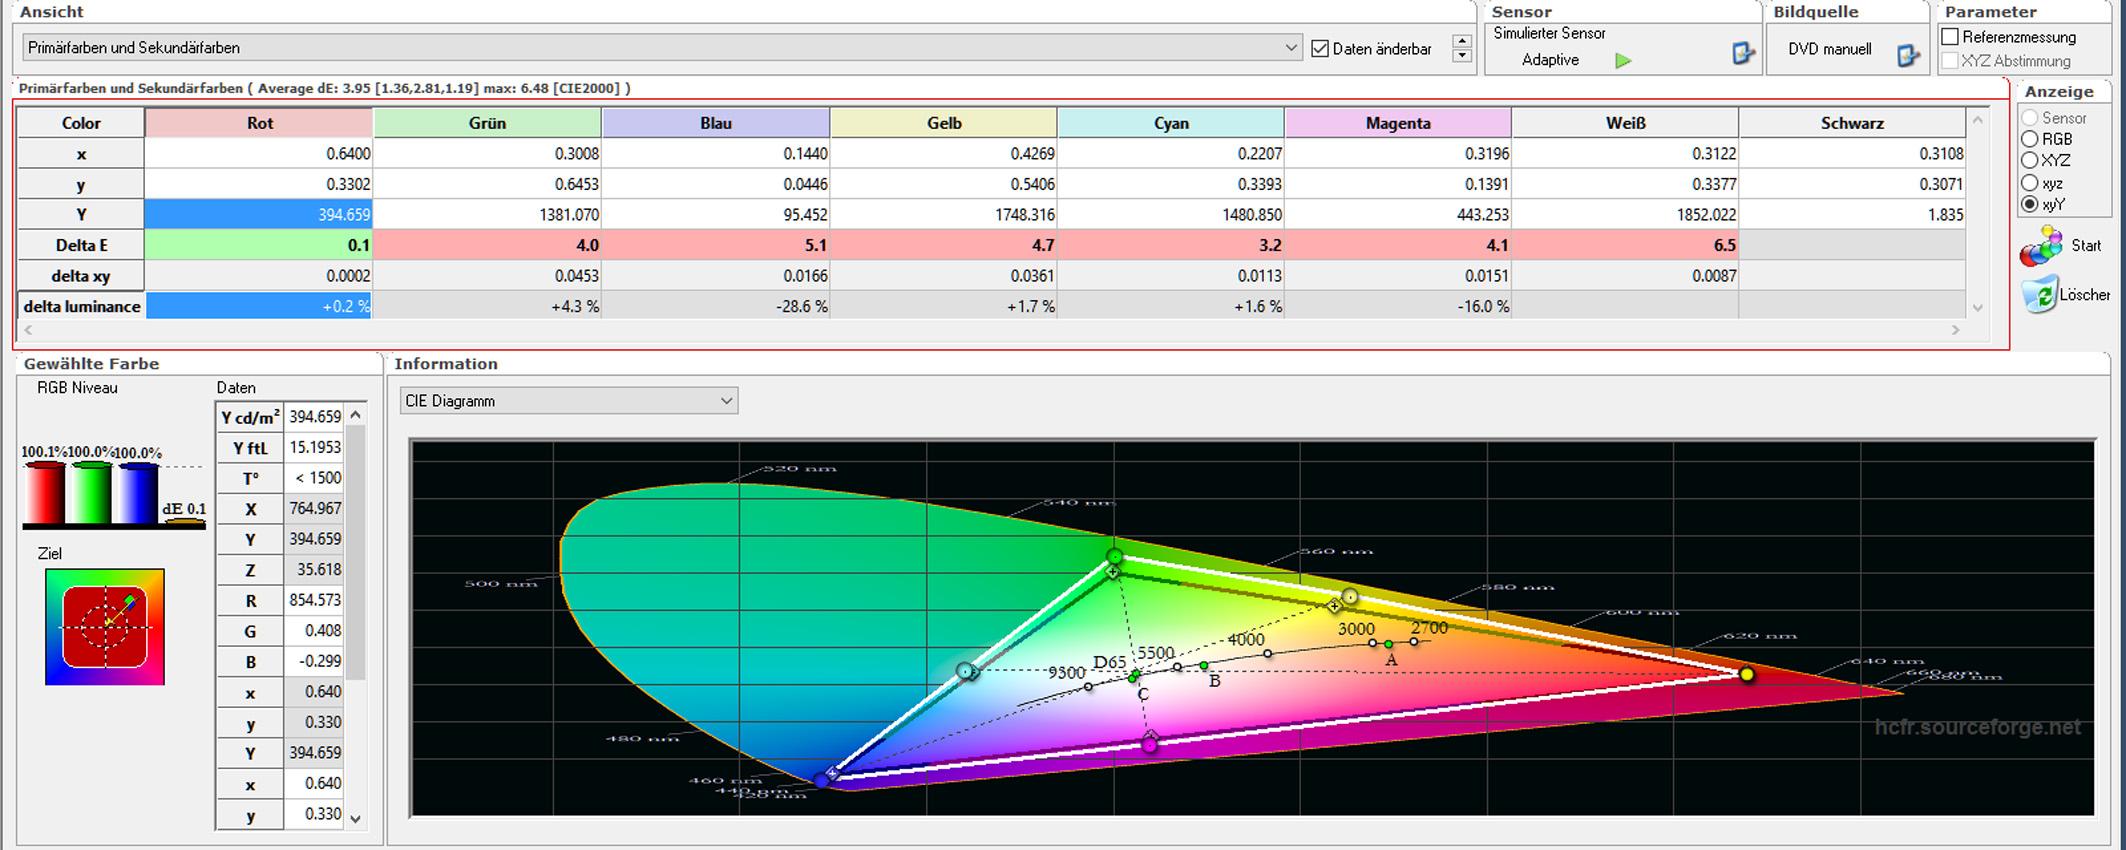 14 - Tabelle Farbraum Kalibrierung Rot Y - Luminanz